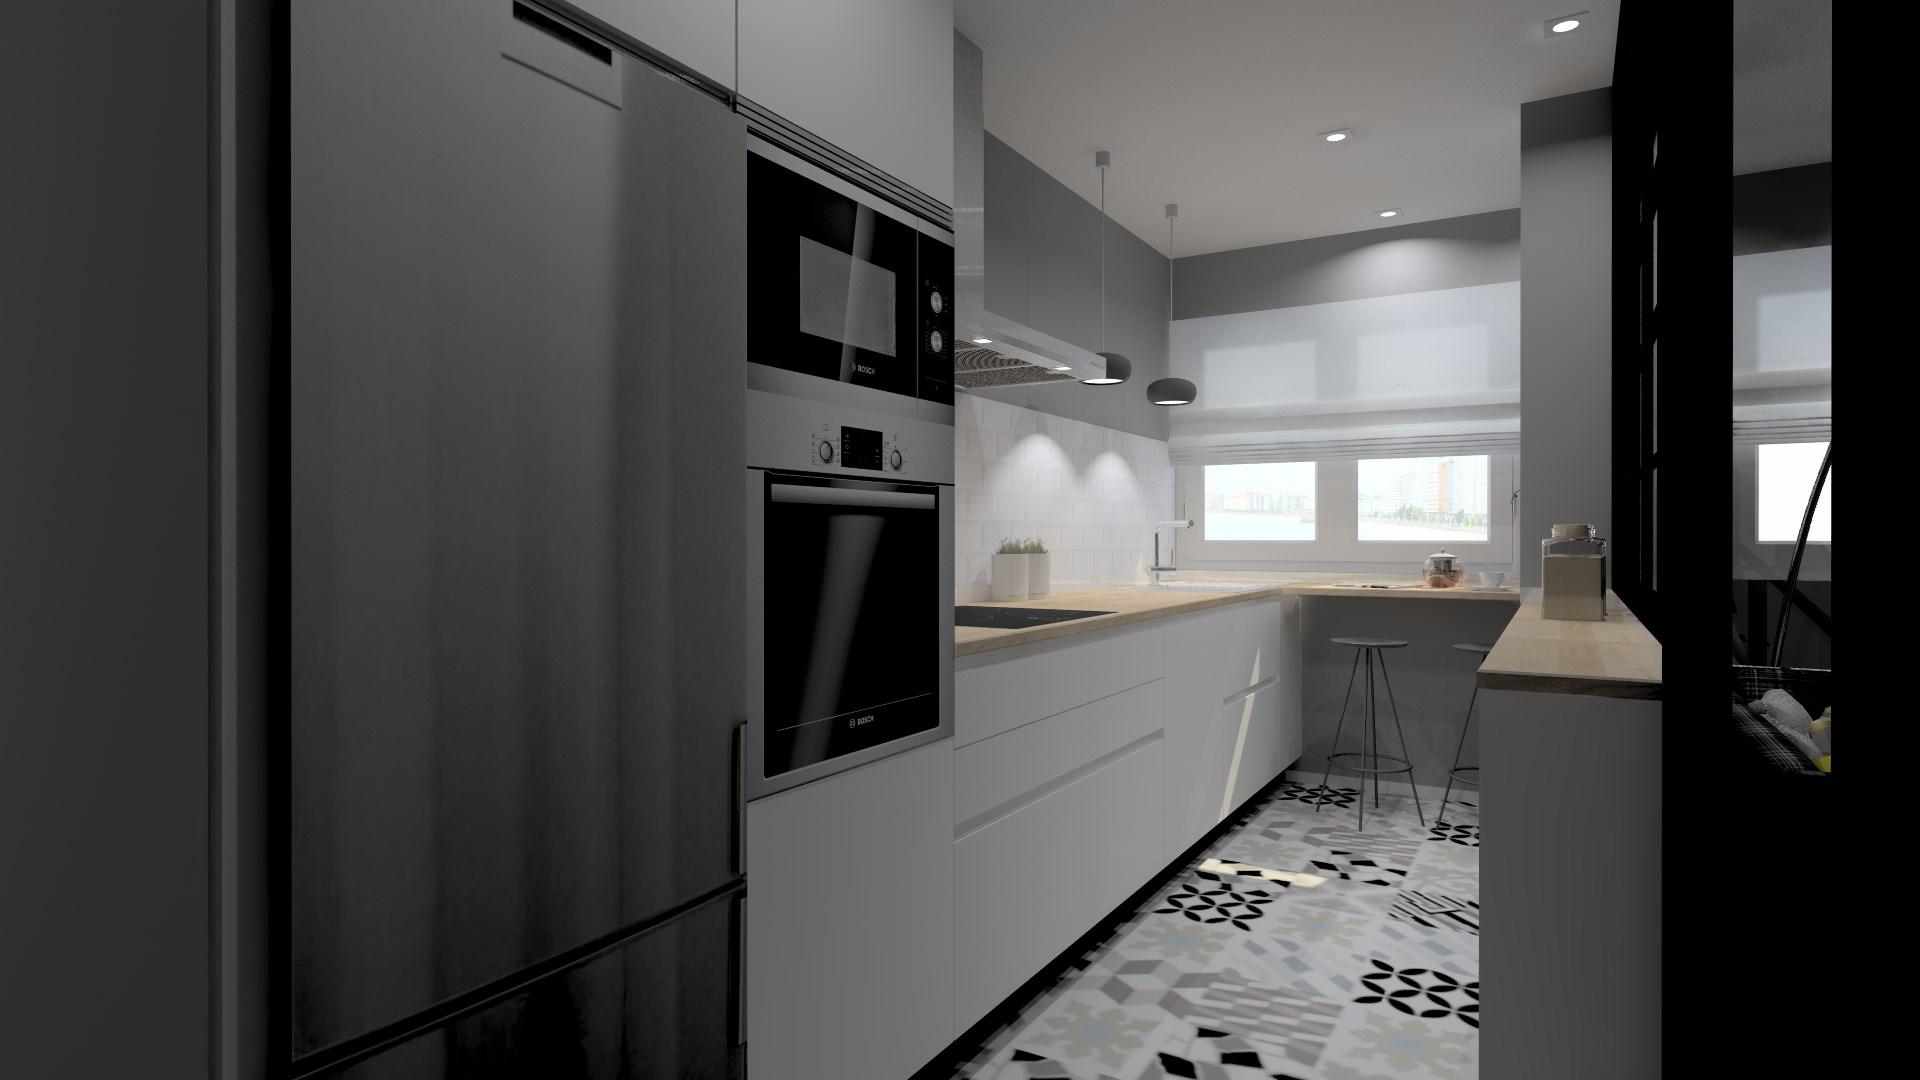 Cocinas pequeñas con barra y muebles en paralelo Santos